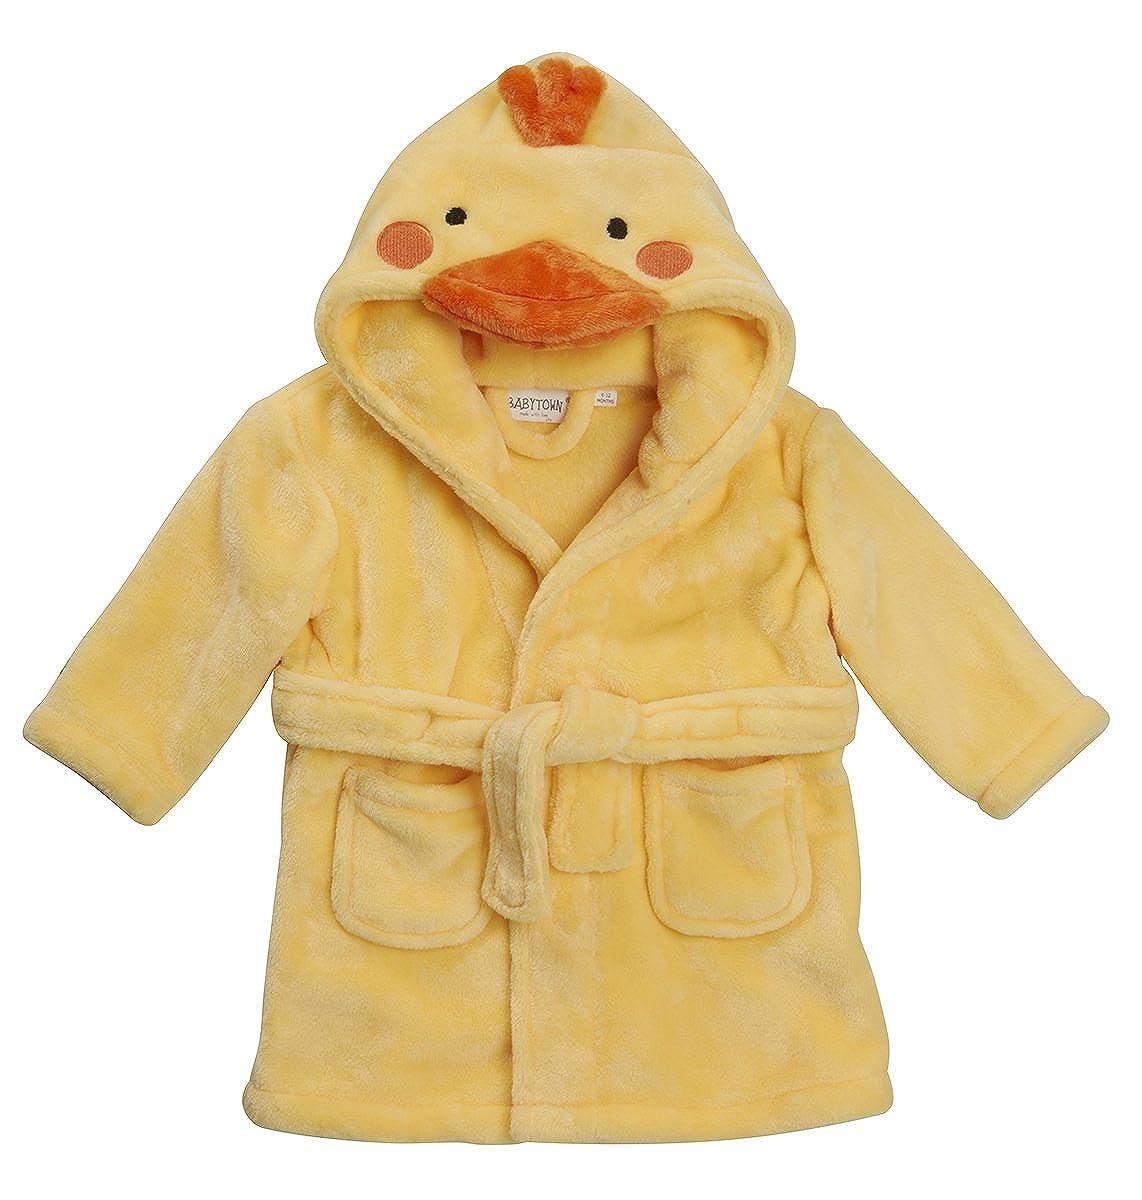 BABYTOWN Cute Animal de bebé suave con capucha de terciopelo albornoz